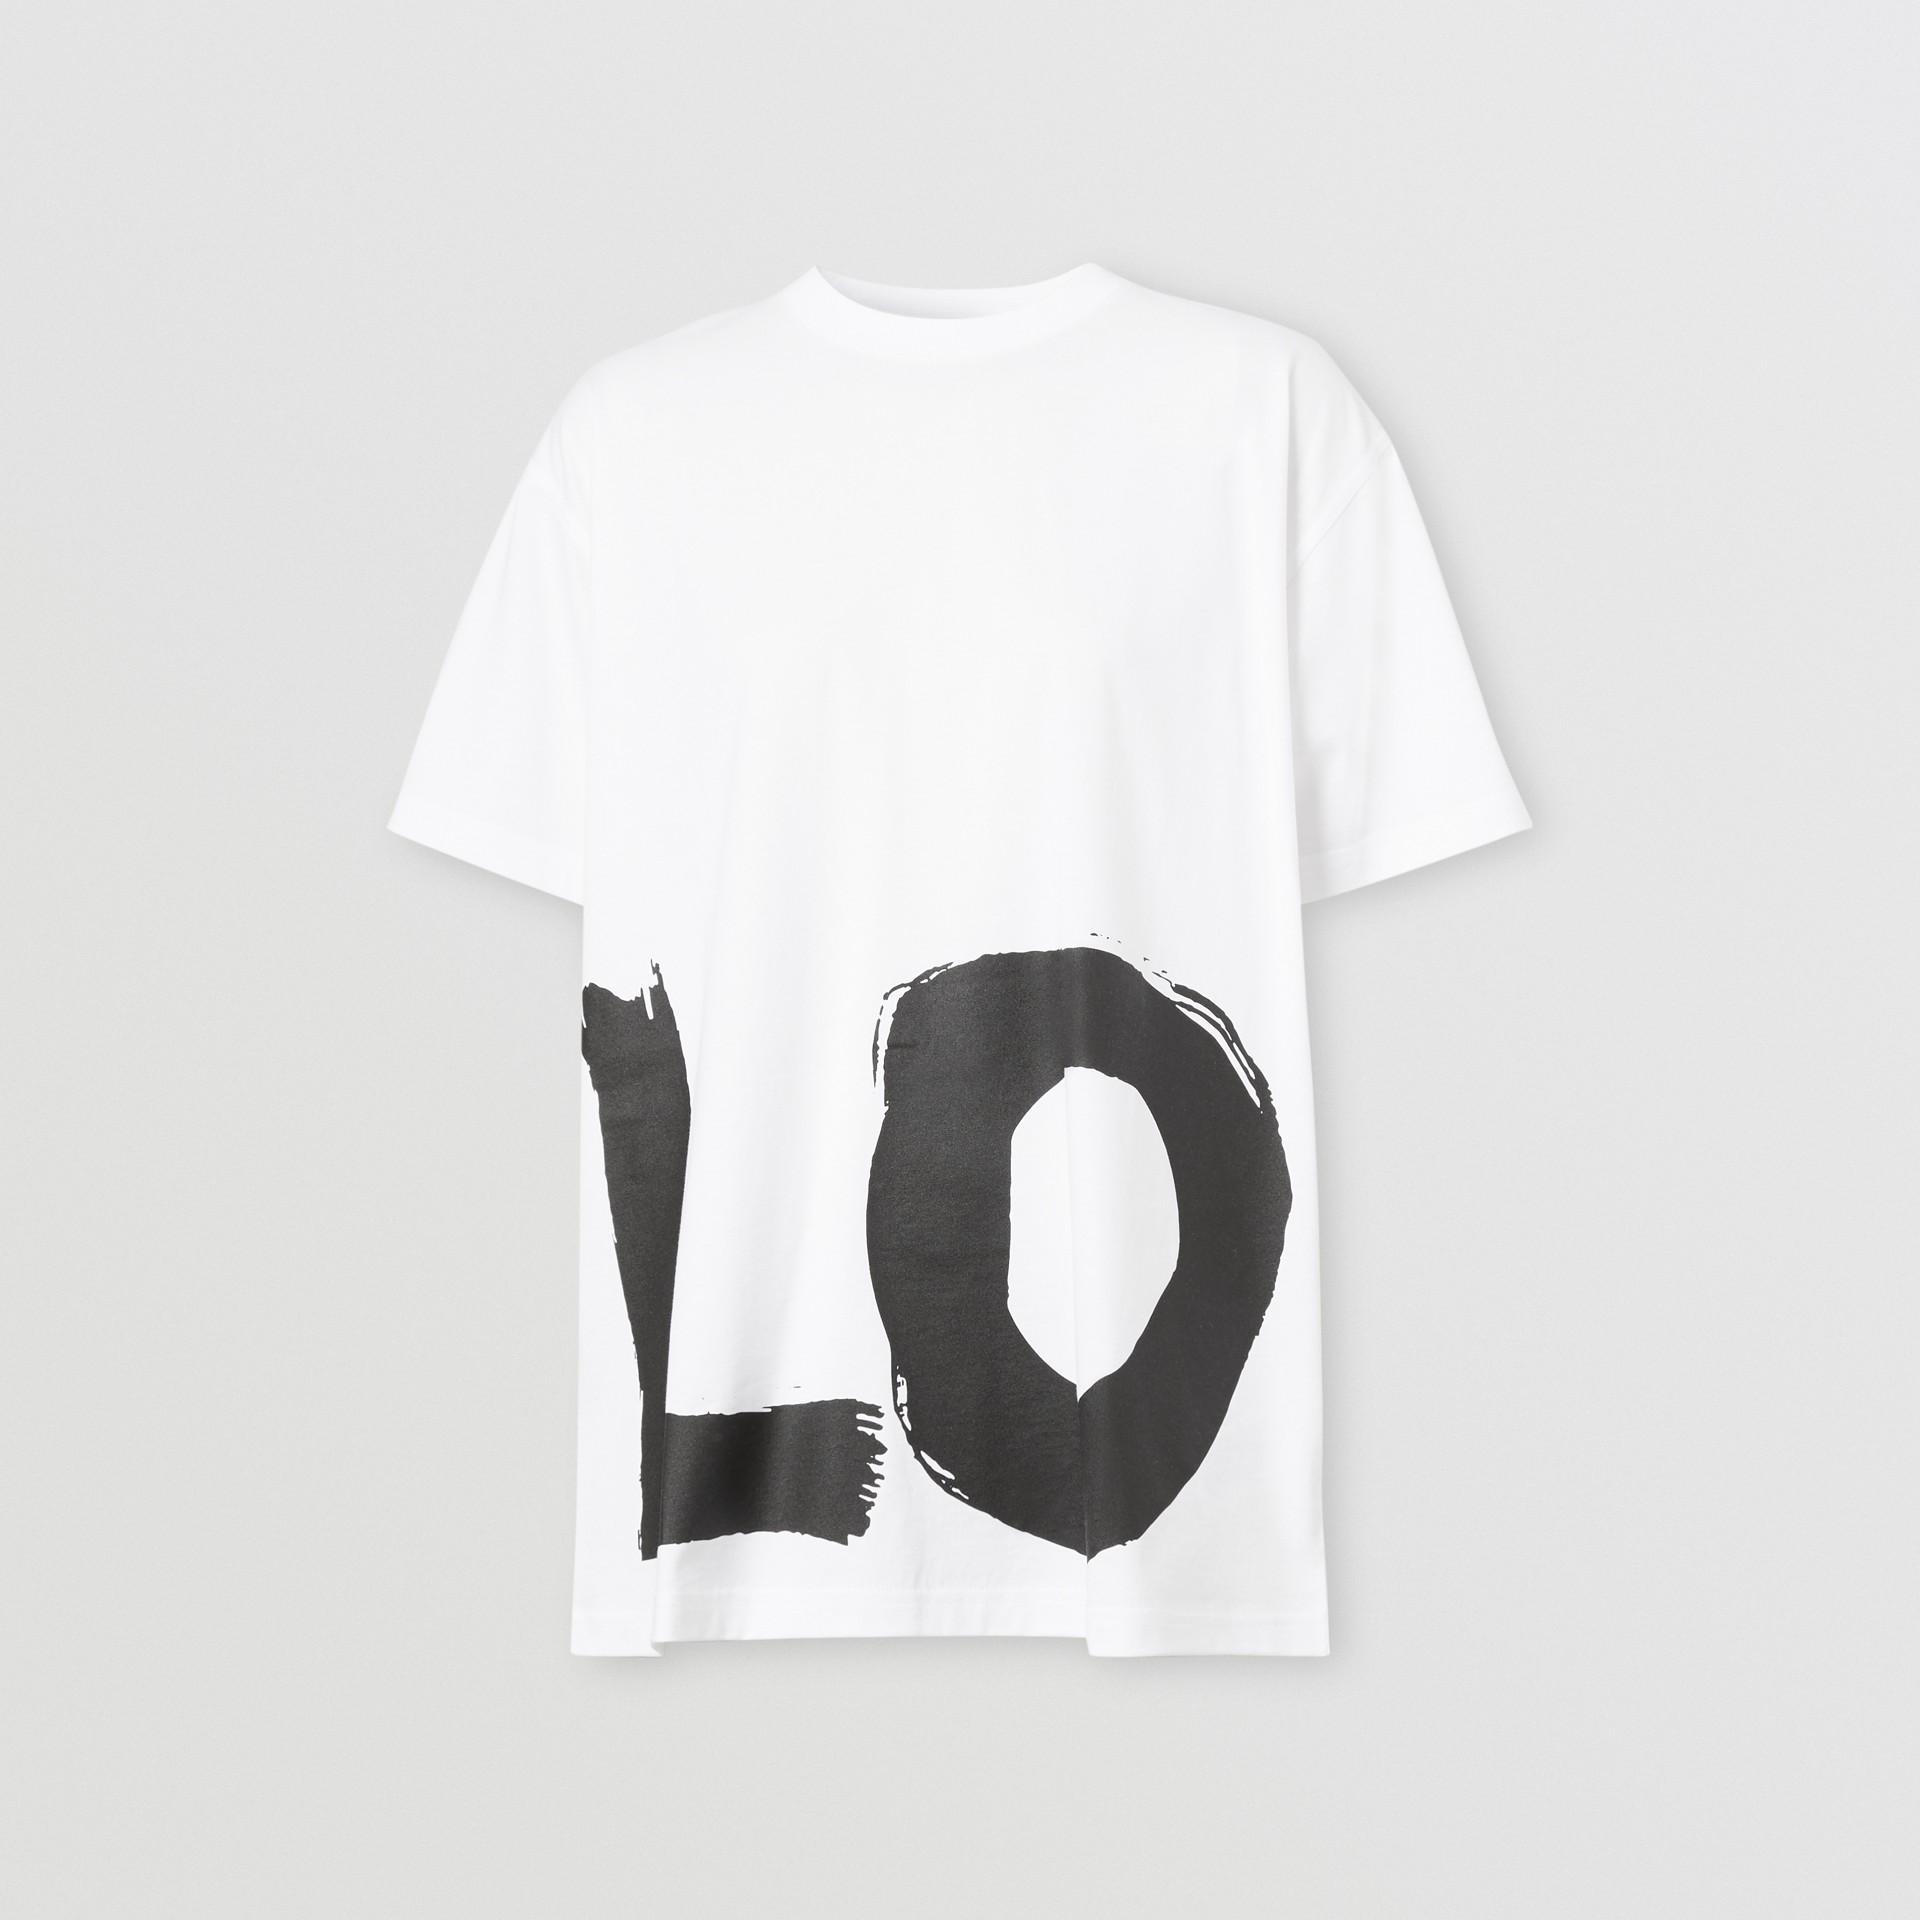 Camiseta extragrande en algodón con estampado Love (Blanco) - Mujer | Burberry - imagen de la galería 3